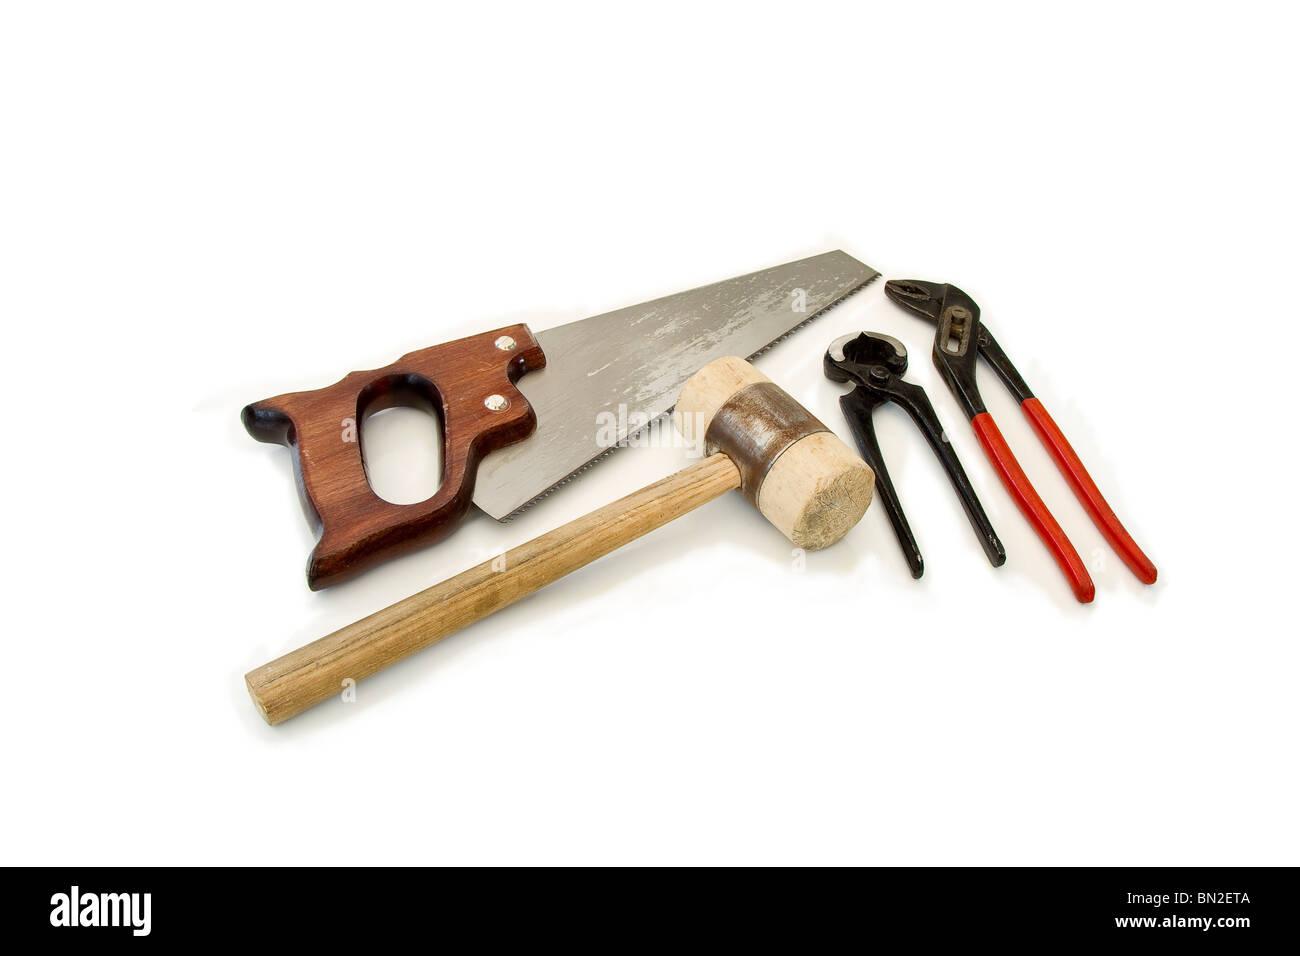 Algunas herramientas sobre fondo blanco. Foto de stock